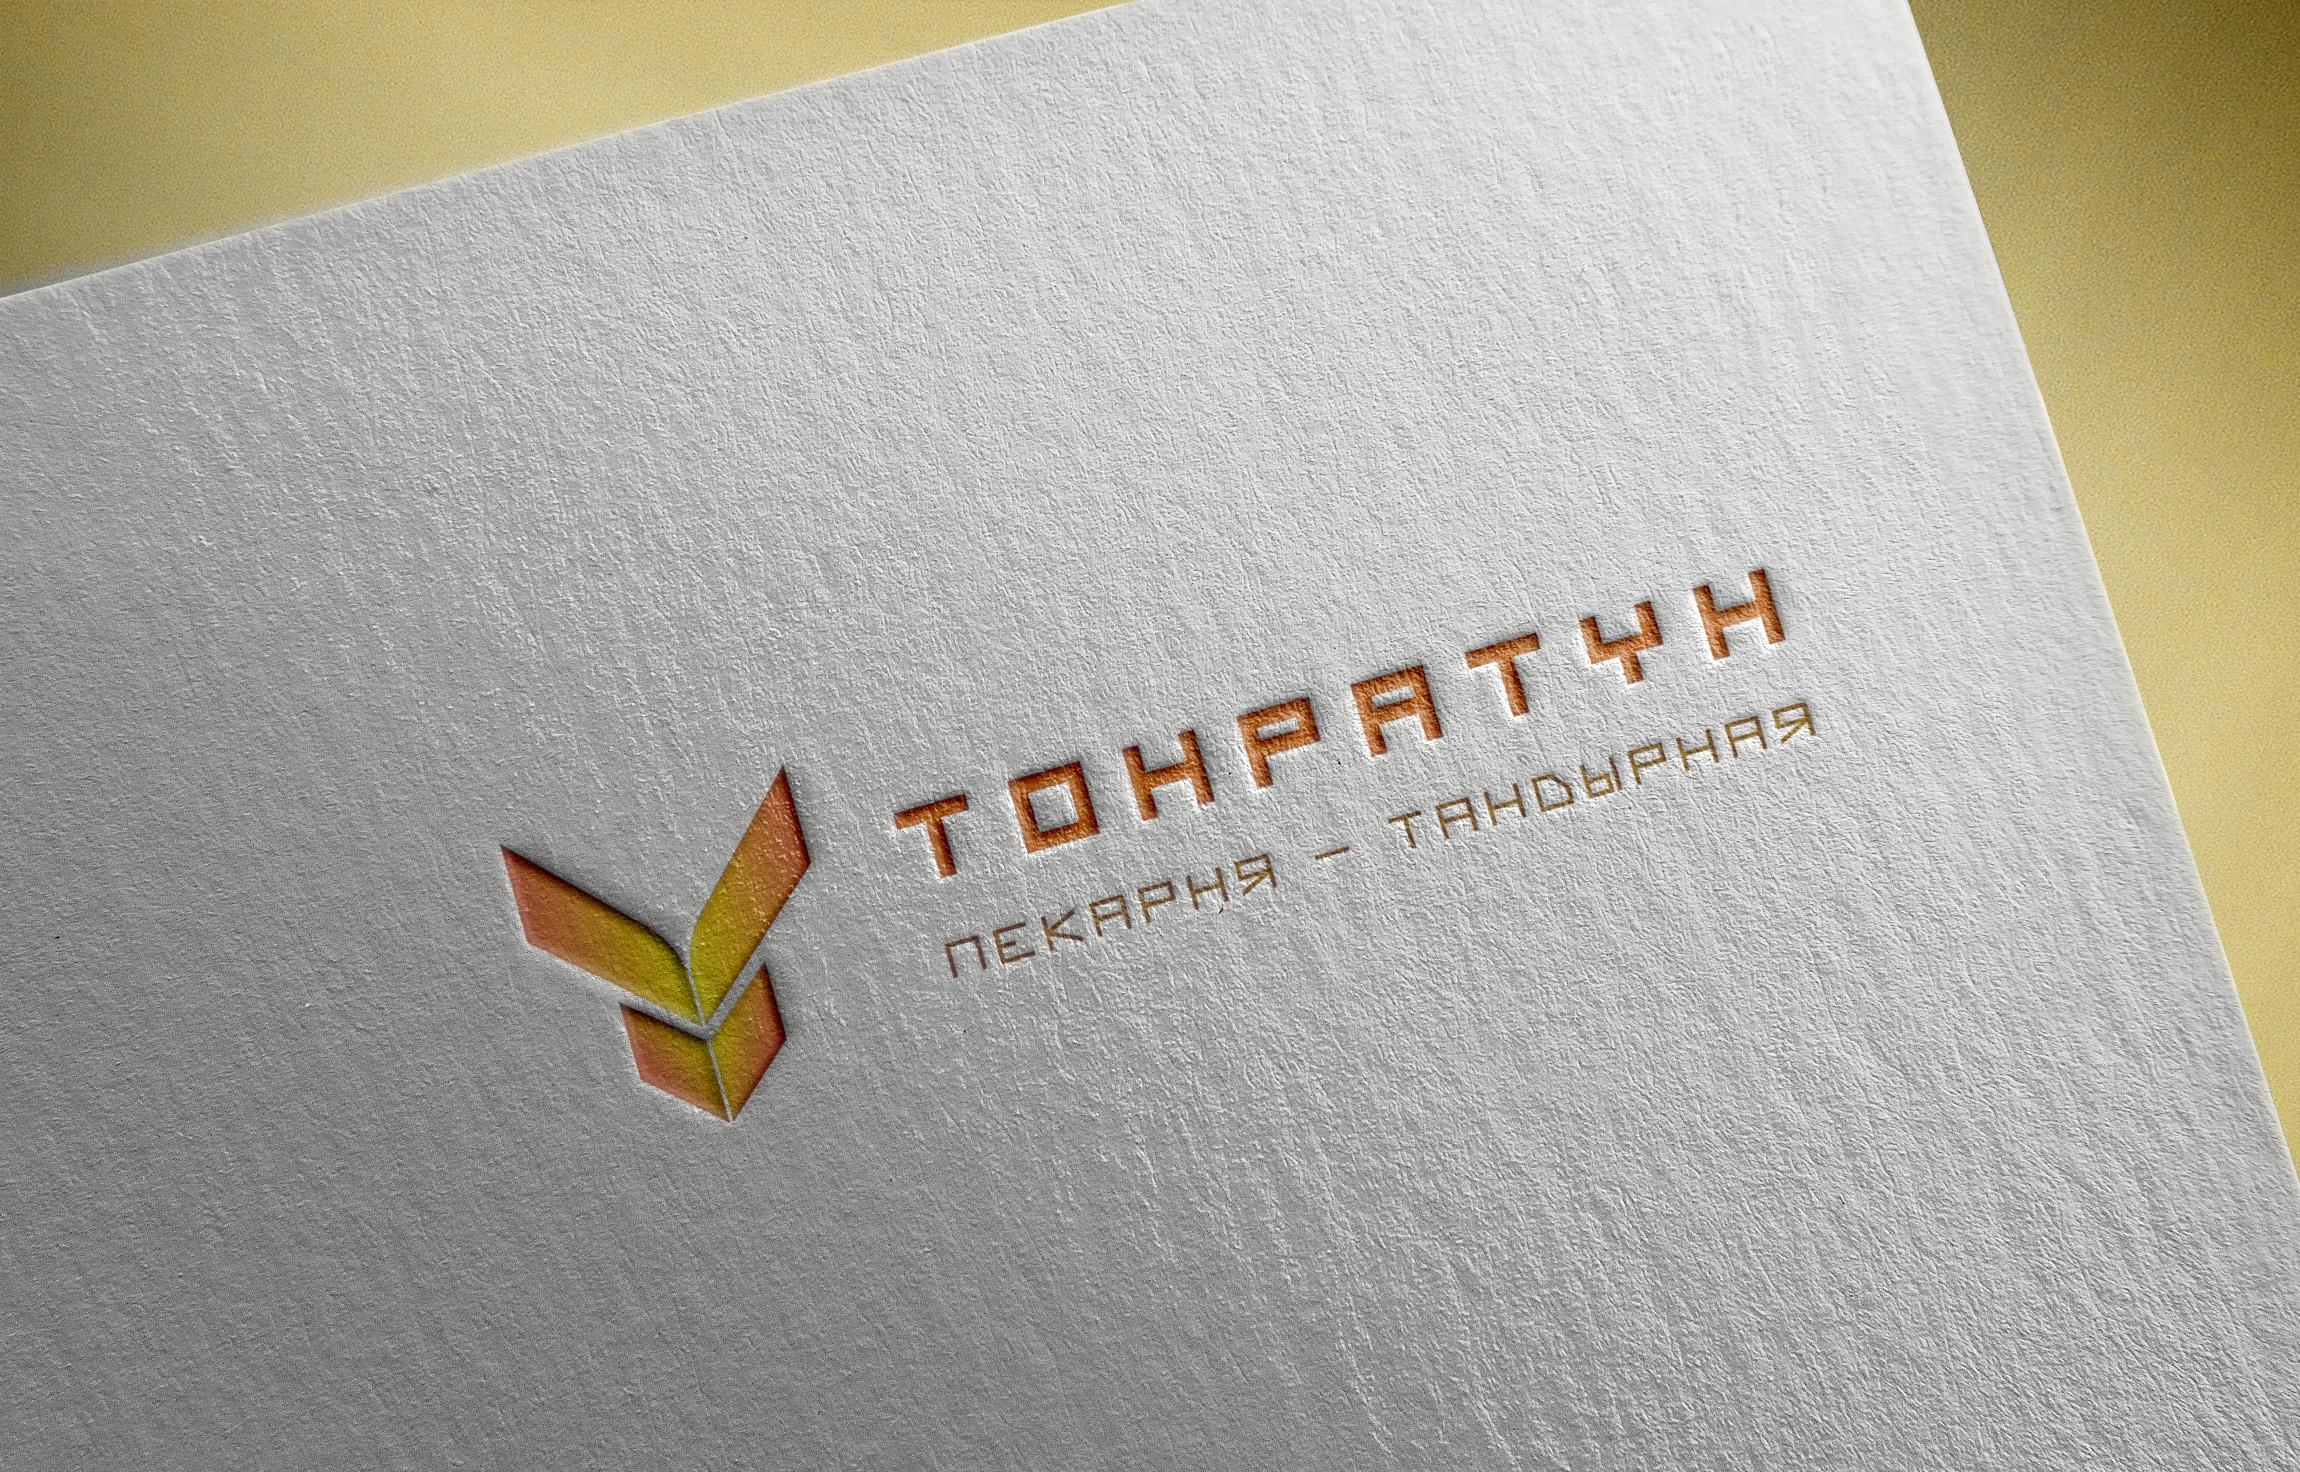 Логотип для Пекарни-Тандырной  фото f_0085d8f46824d47e.jpg